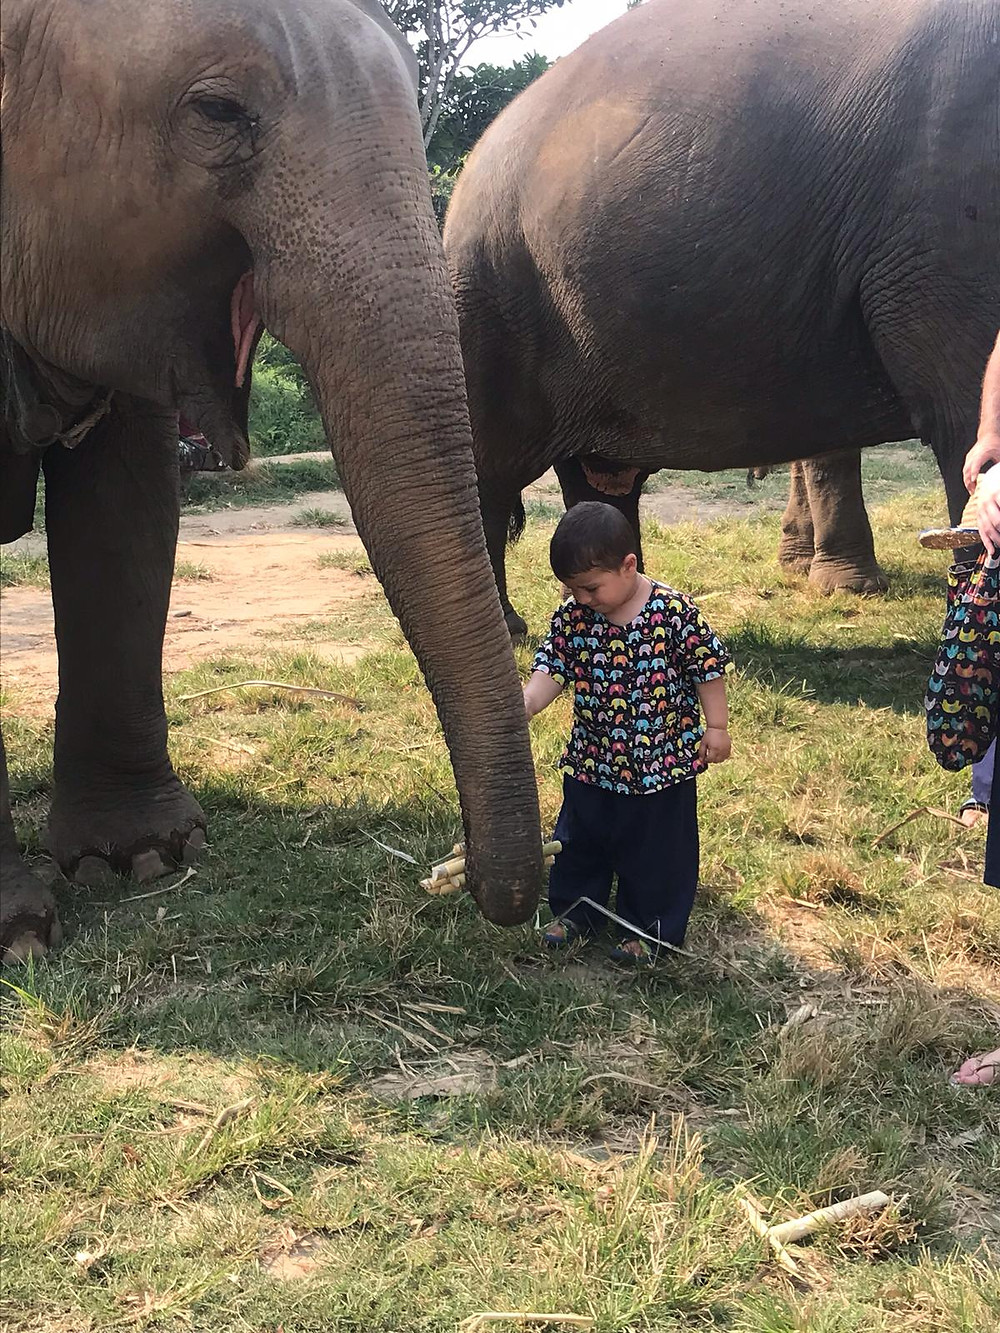 אילוני שמרגיש בבית. שימו לב שגם פילים מחייכים